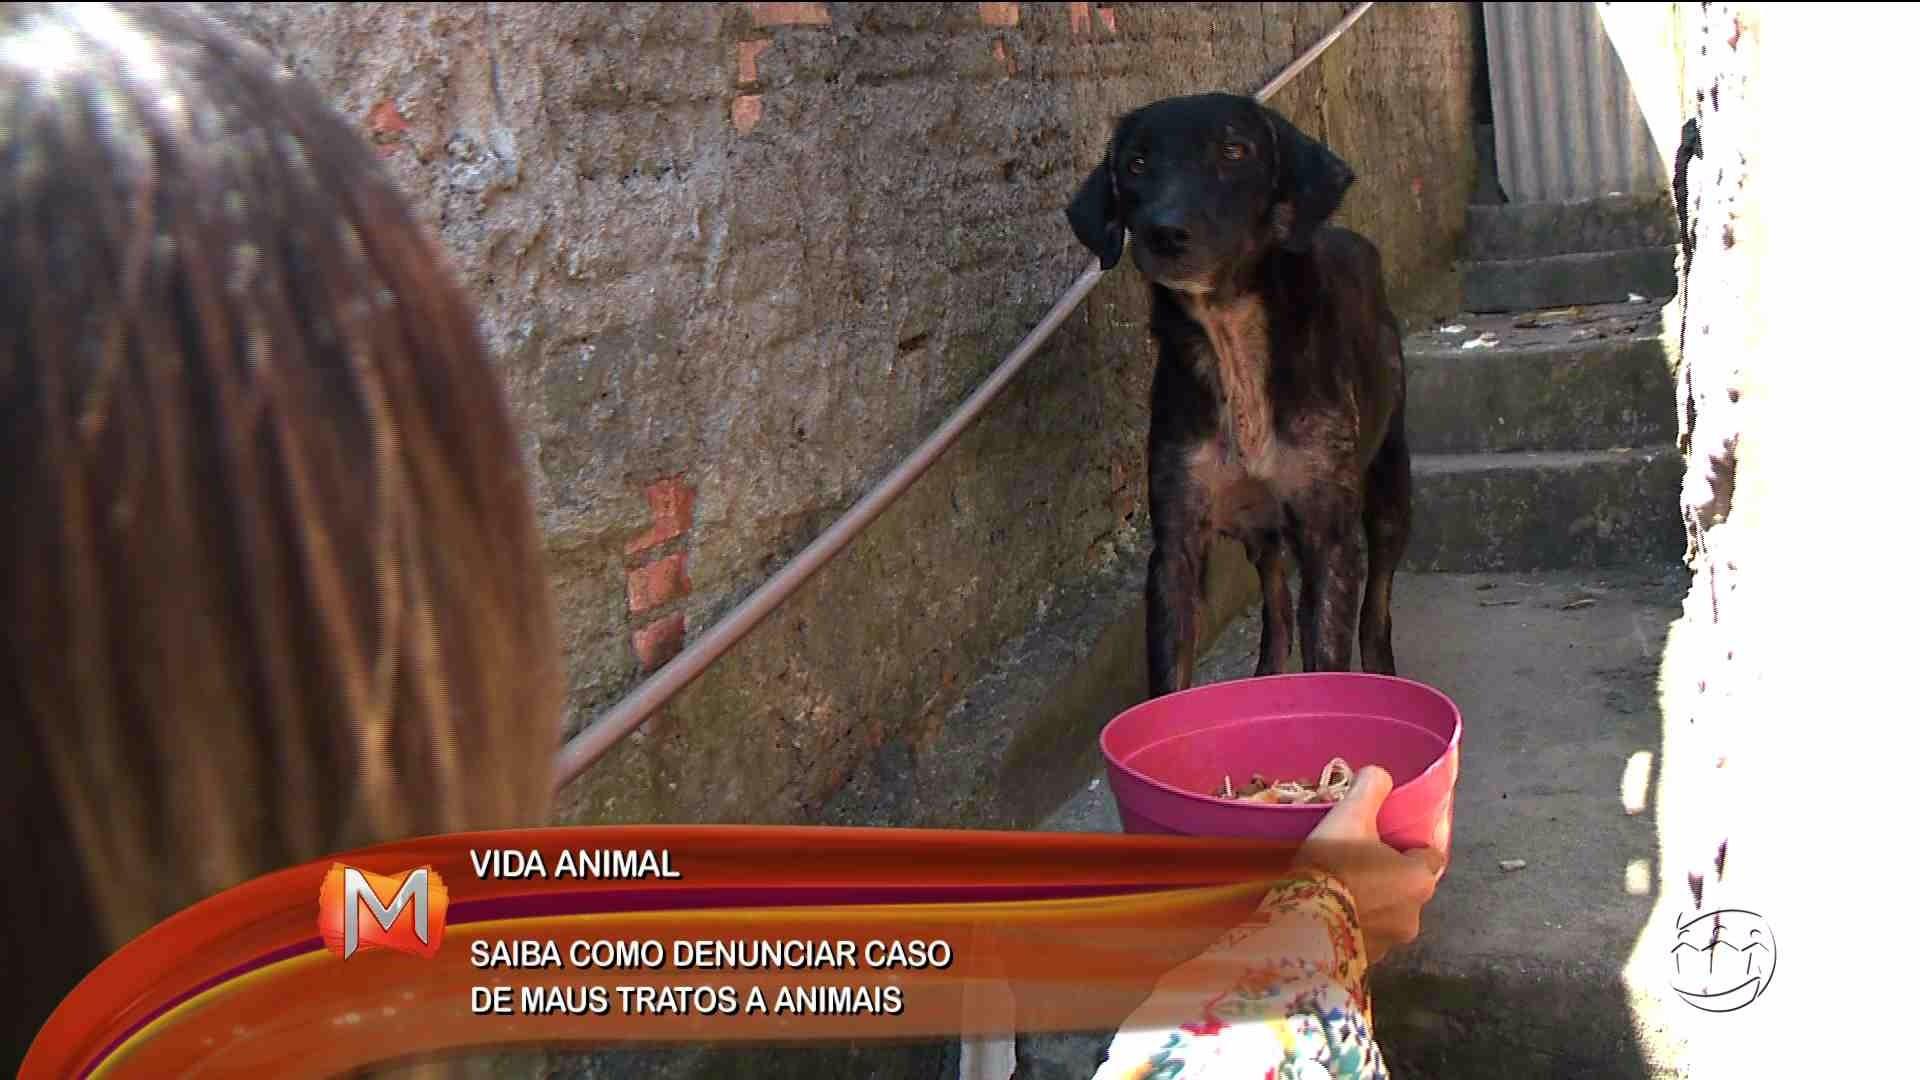 VIDA ANIMAL: MORADORES DENUNCIAM MAUS TRATOS A CACHORRO - Magazine - 17/08/17